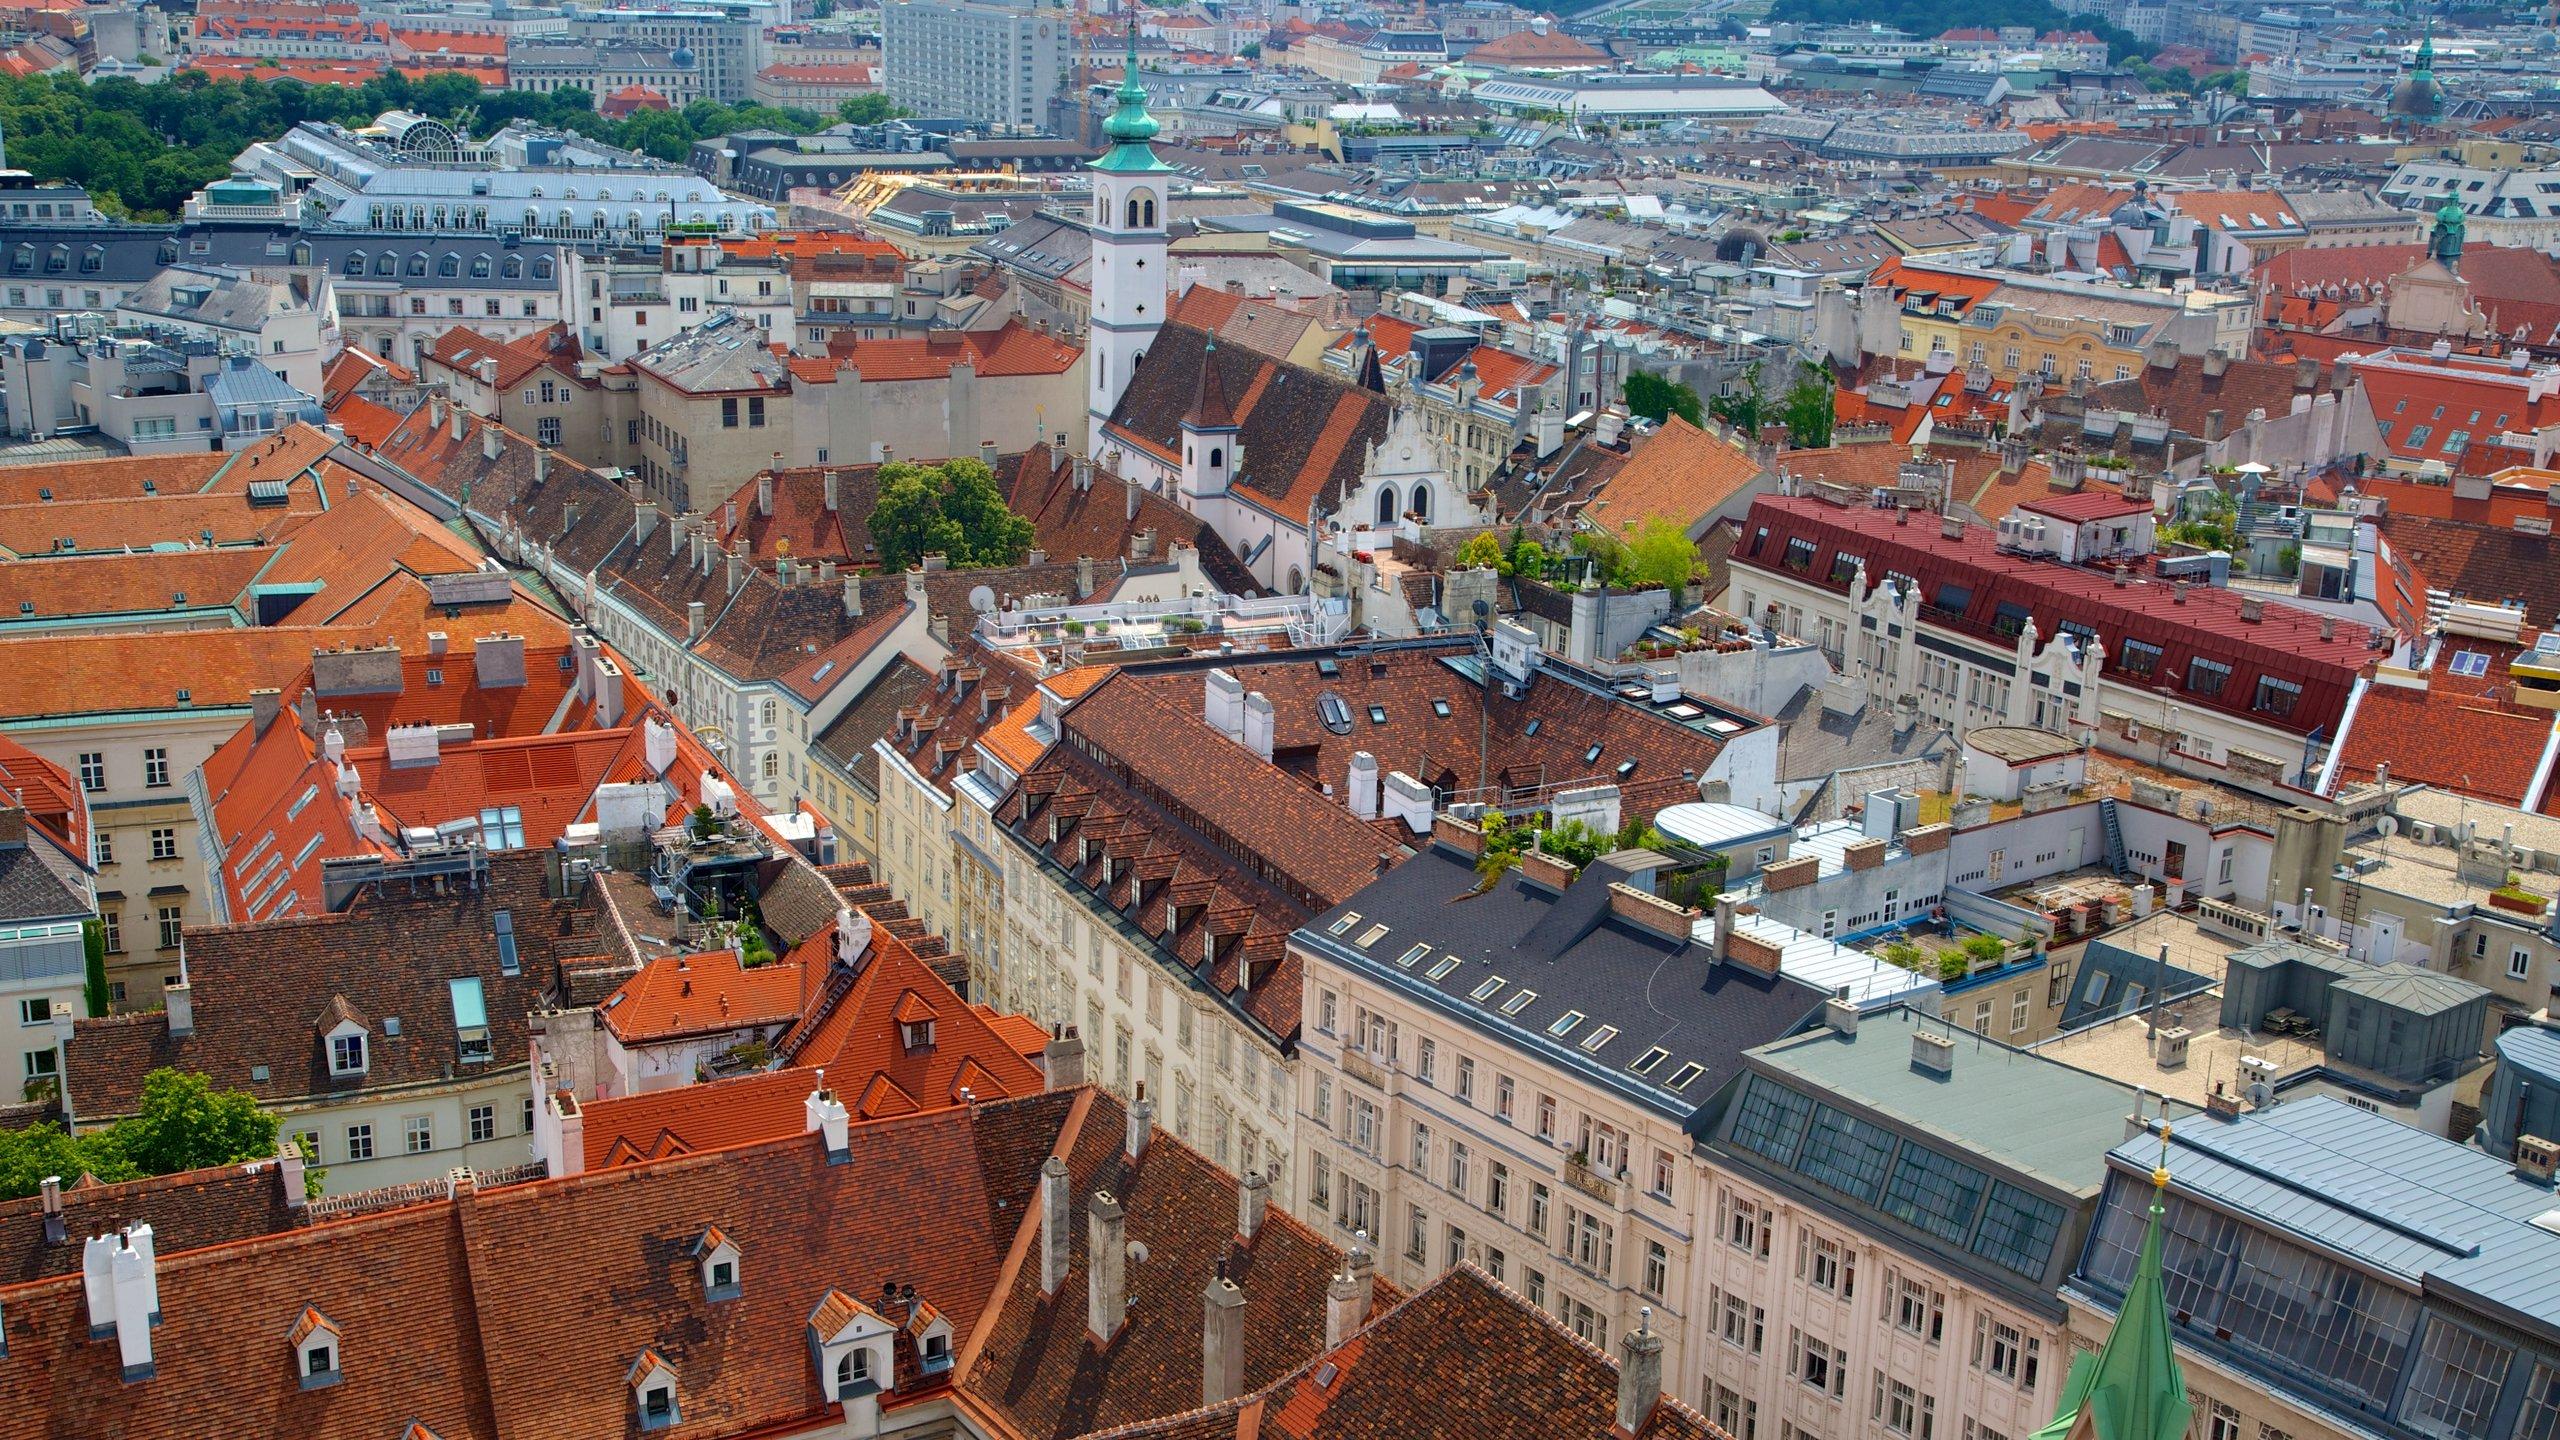 Innere Stadt, Vienna, Austria